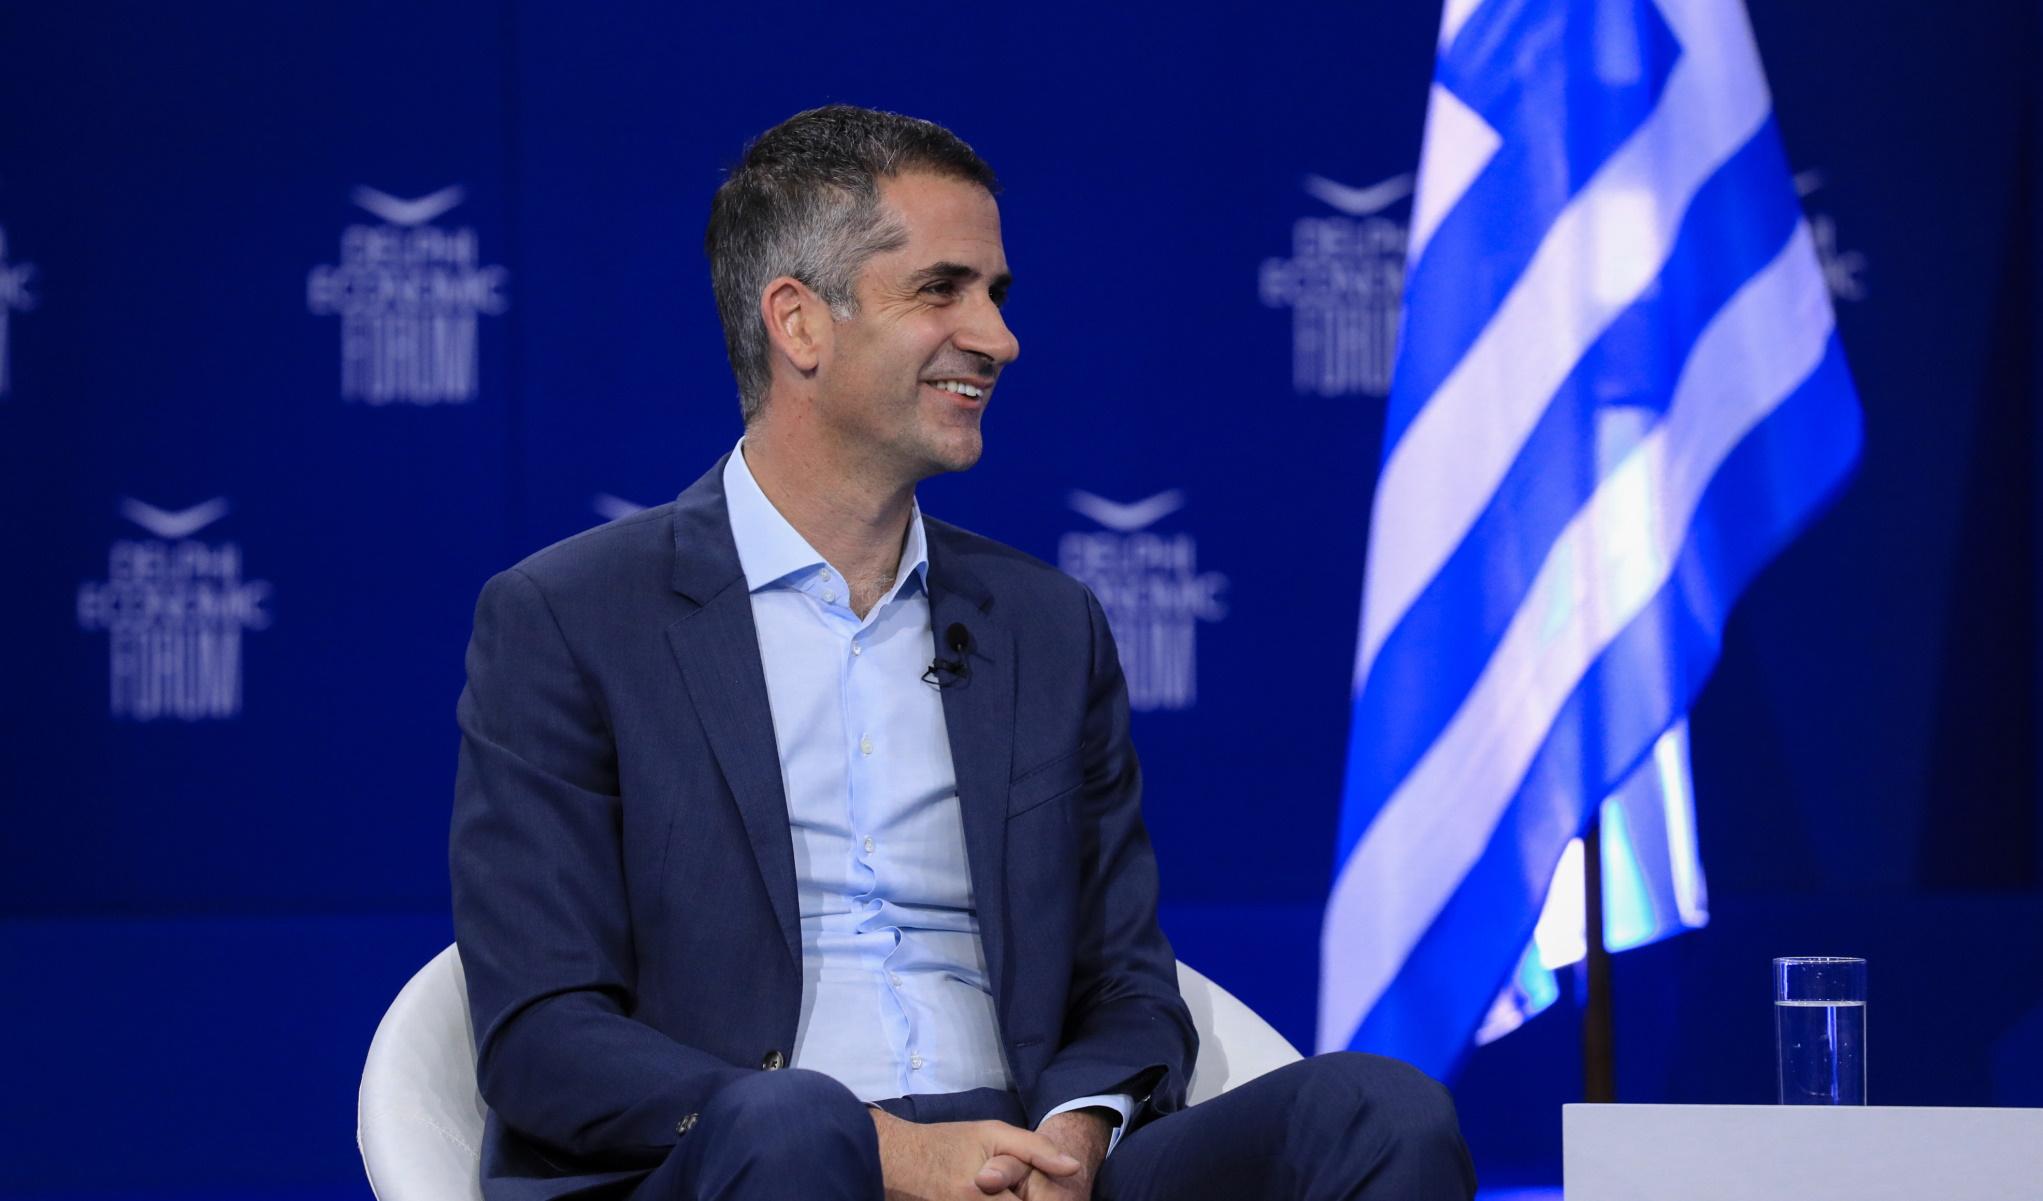 Μπακογιάννης στο 6ο Οικονομικό Φόρουμ των Δελφών: «Λίγο, λίγο η Αθήνα αλλάζει πολύ»